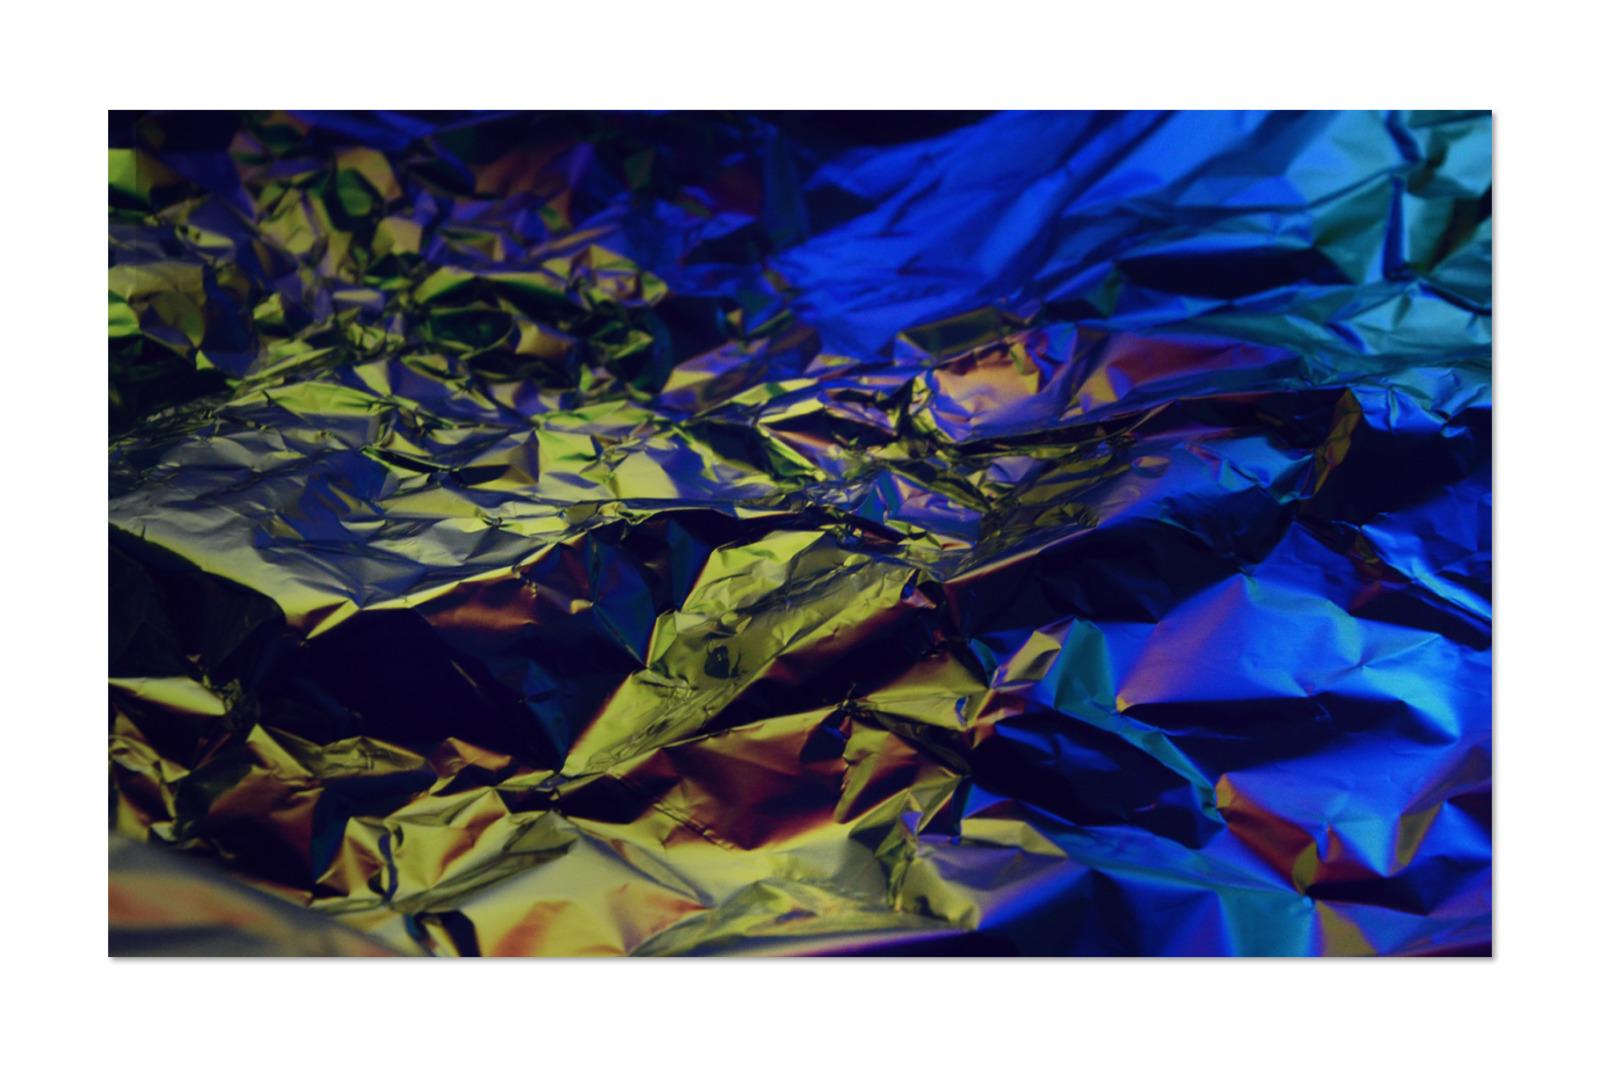 [淘宝购买] 80款潮流全息渐变虹彩金属箔纸纹理海报设计背景图片素材 Crumbled – 80 Foil Textures插图11